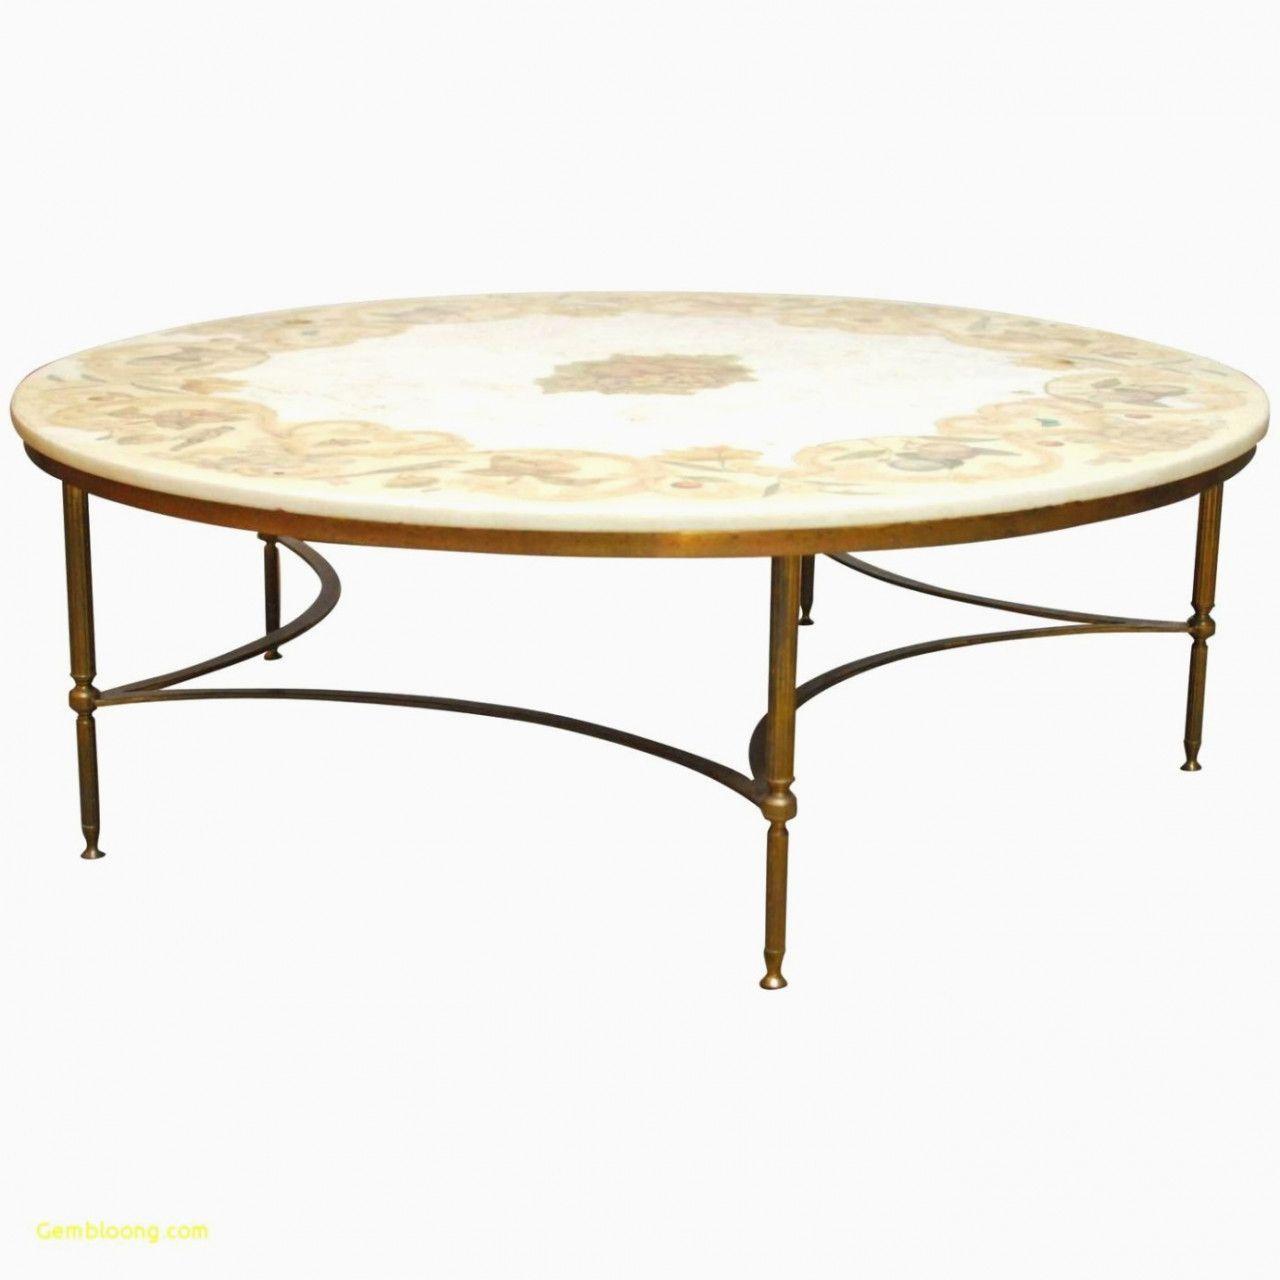 50 Beautiful Modern Marble Coffee Table 2020 Ikea Coffee Table